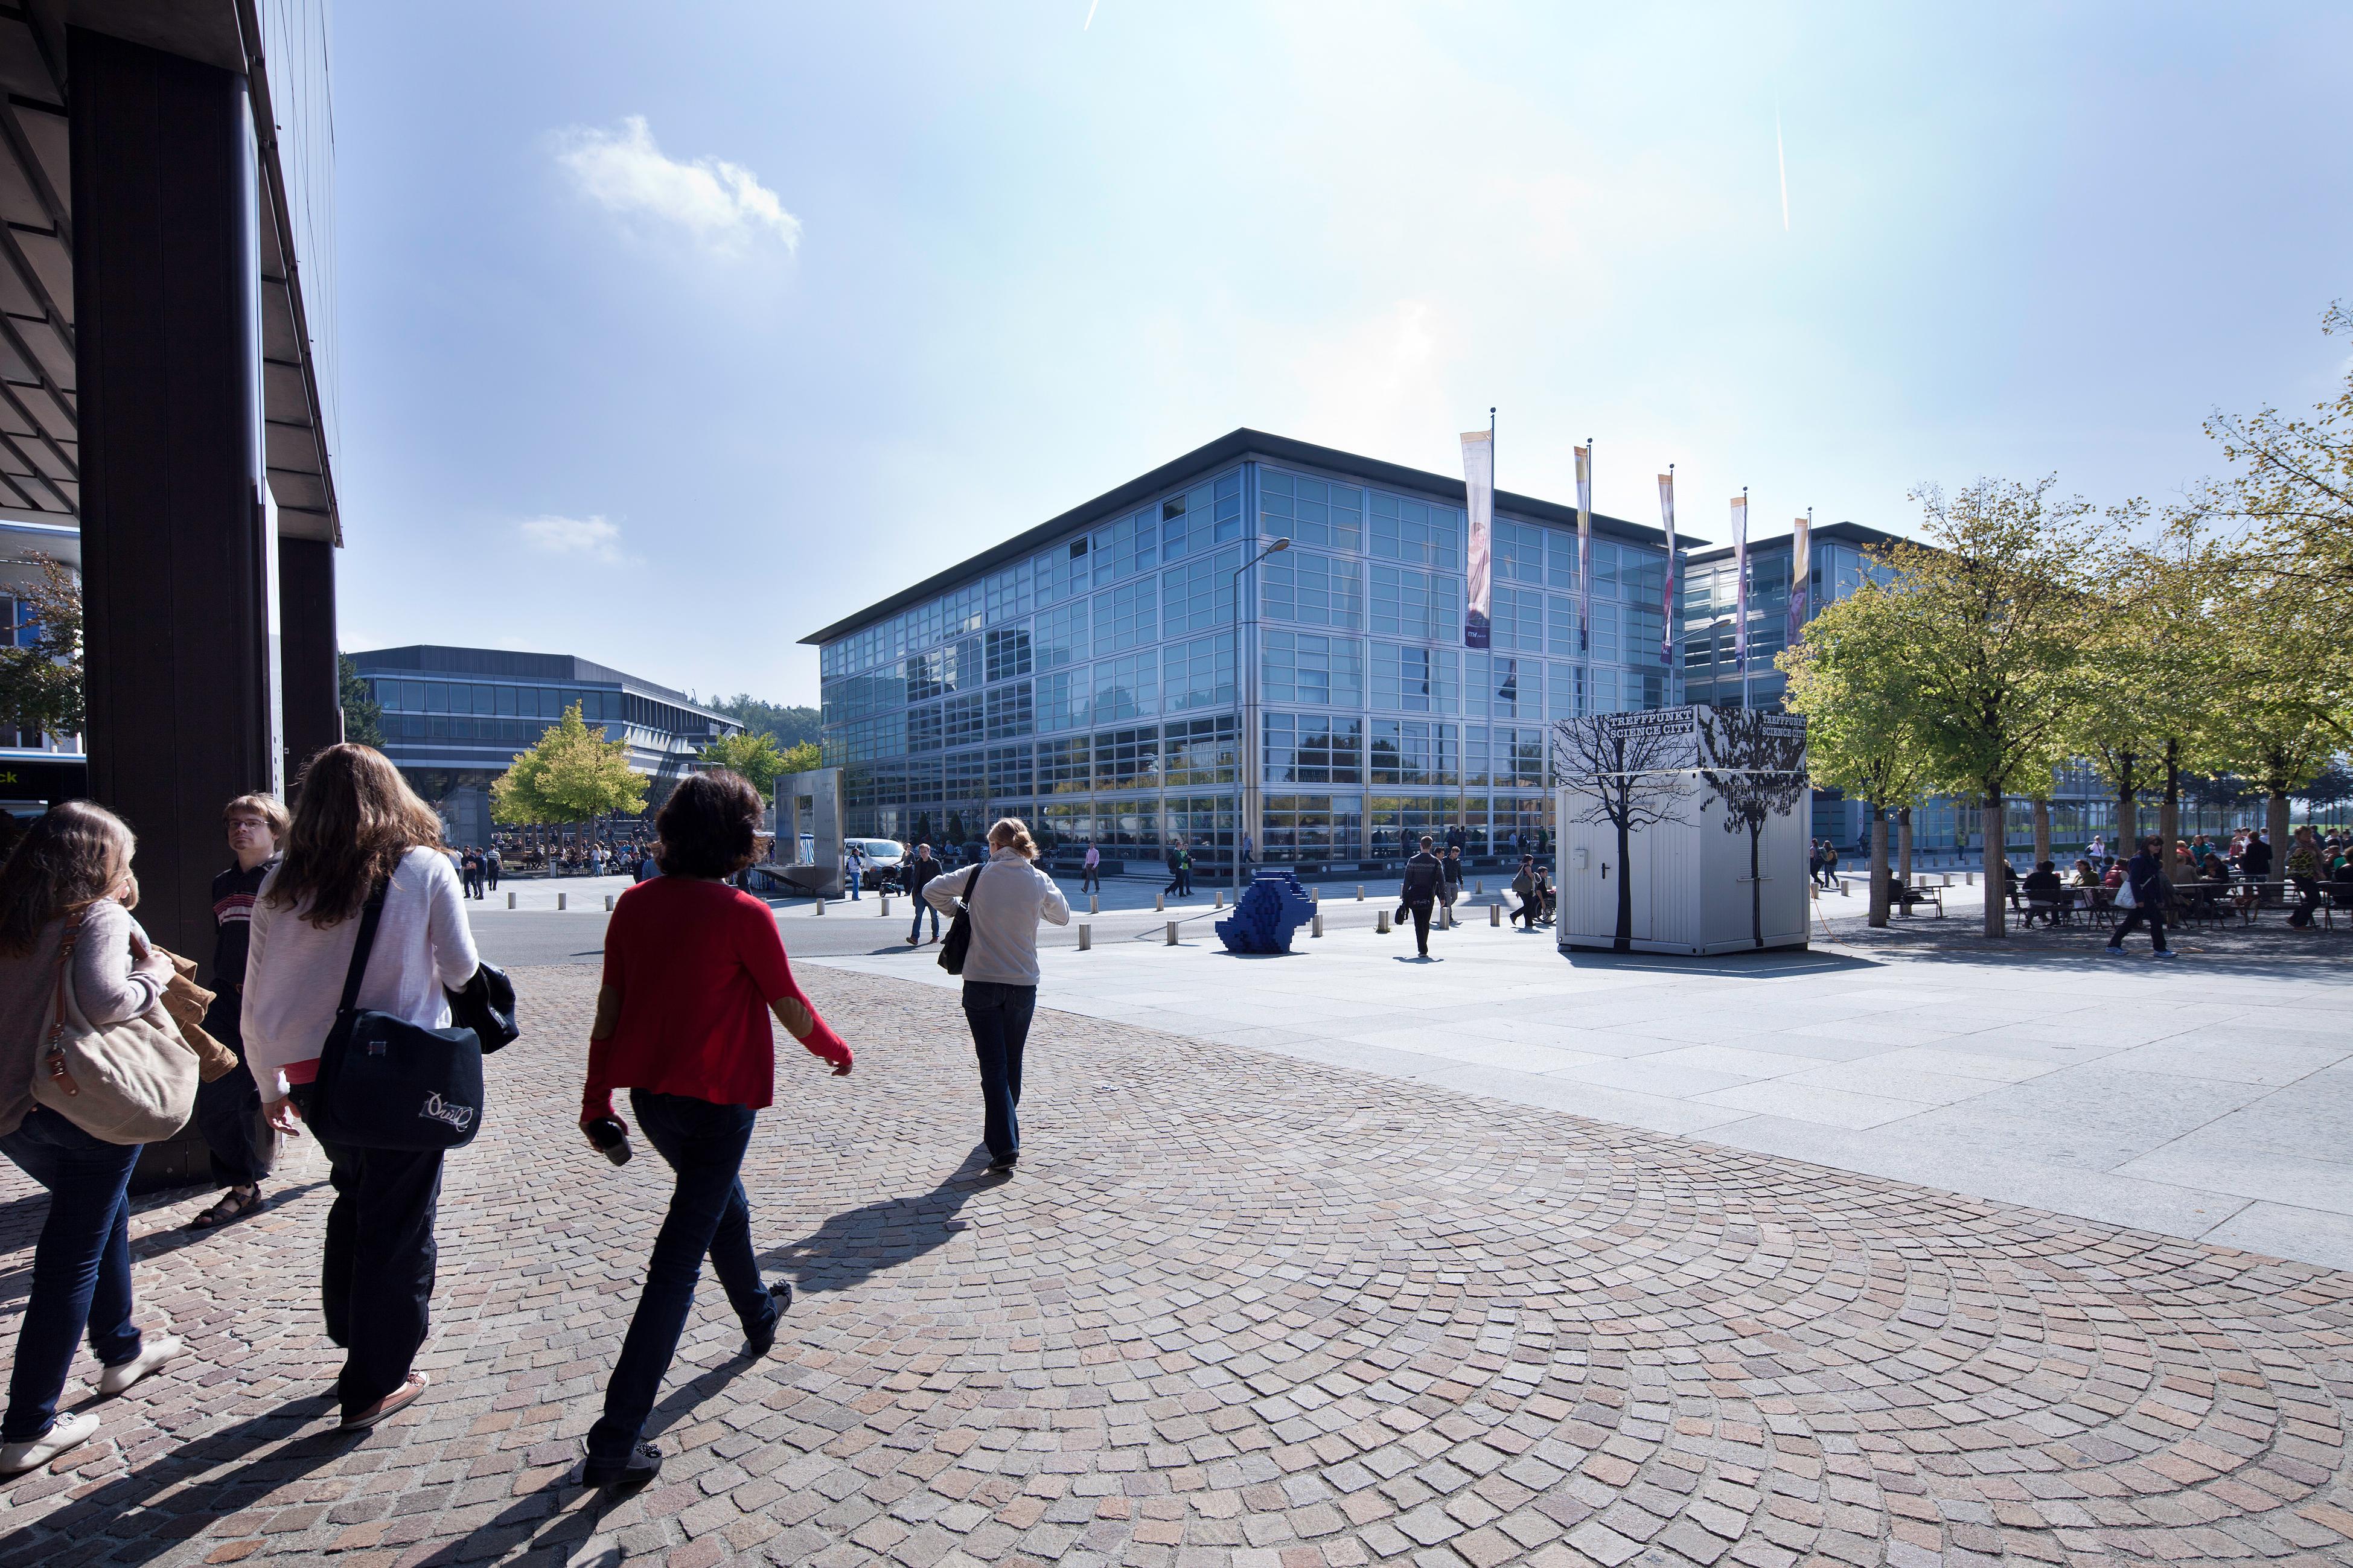 ETH Zürich, campus de Hönggerberg